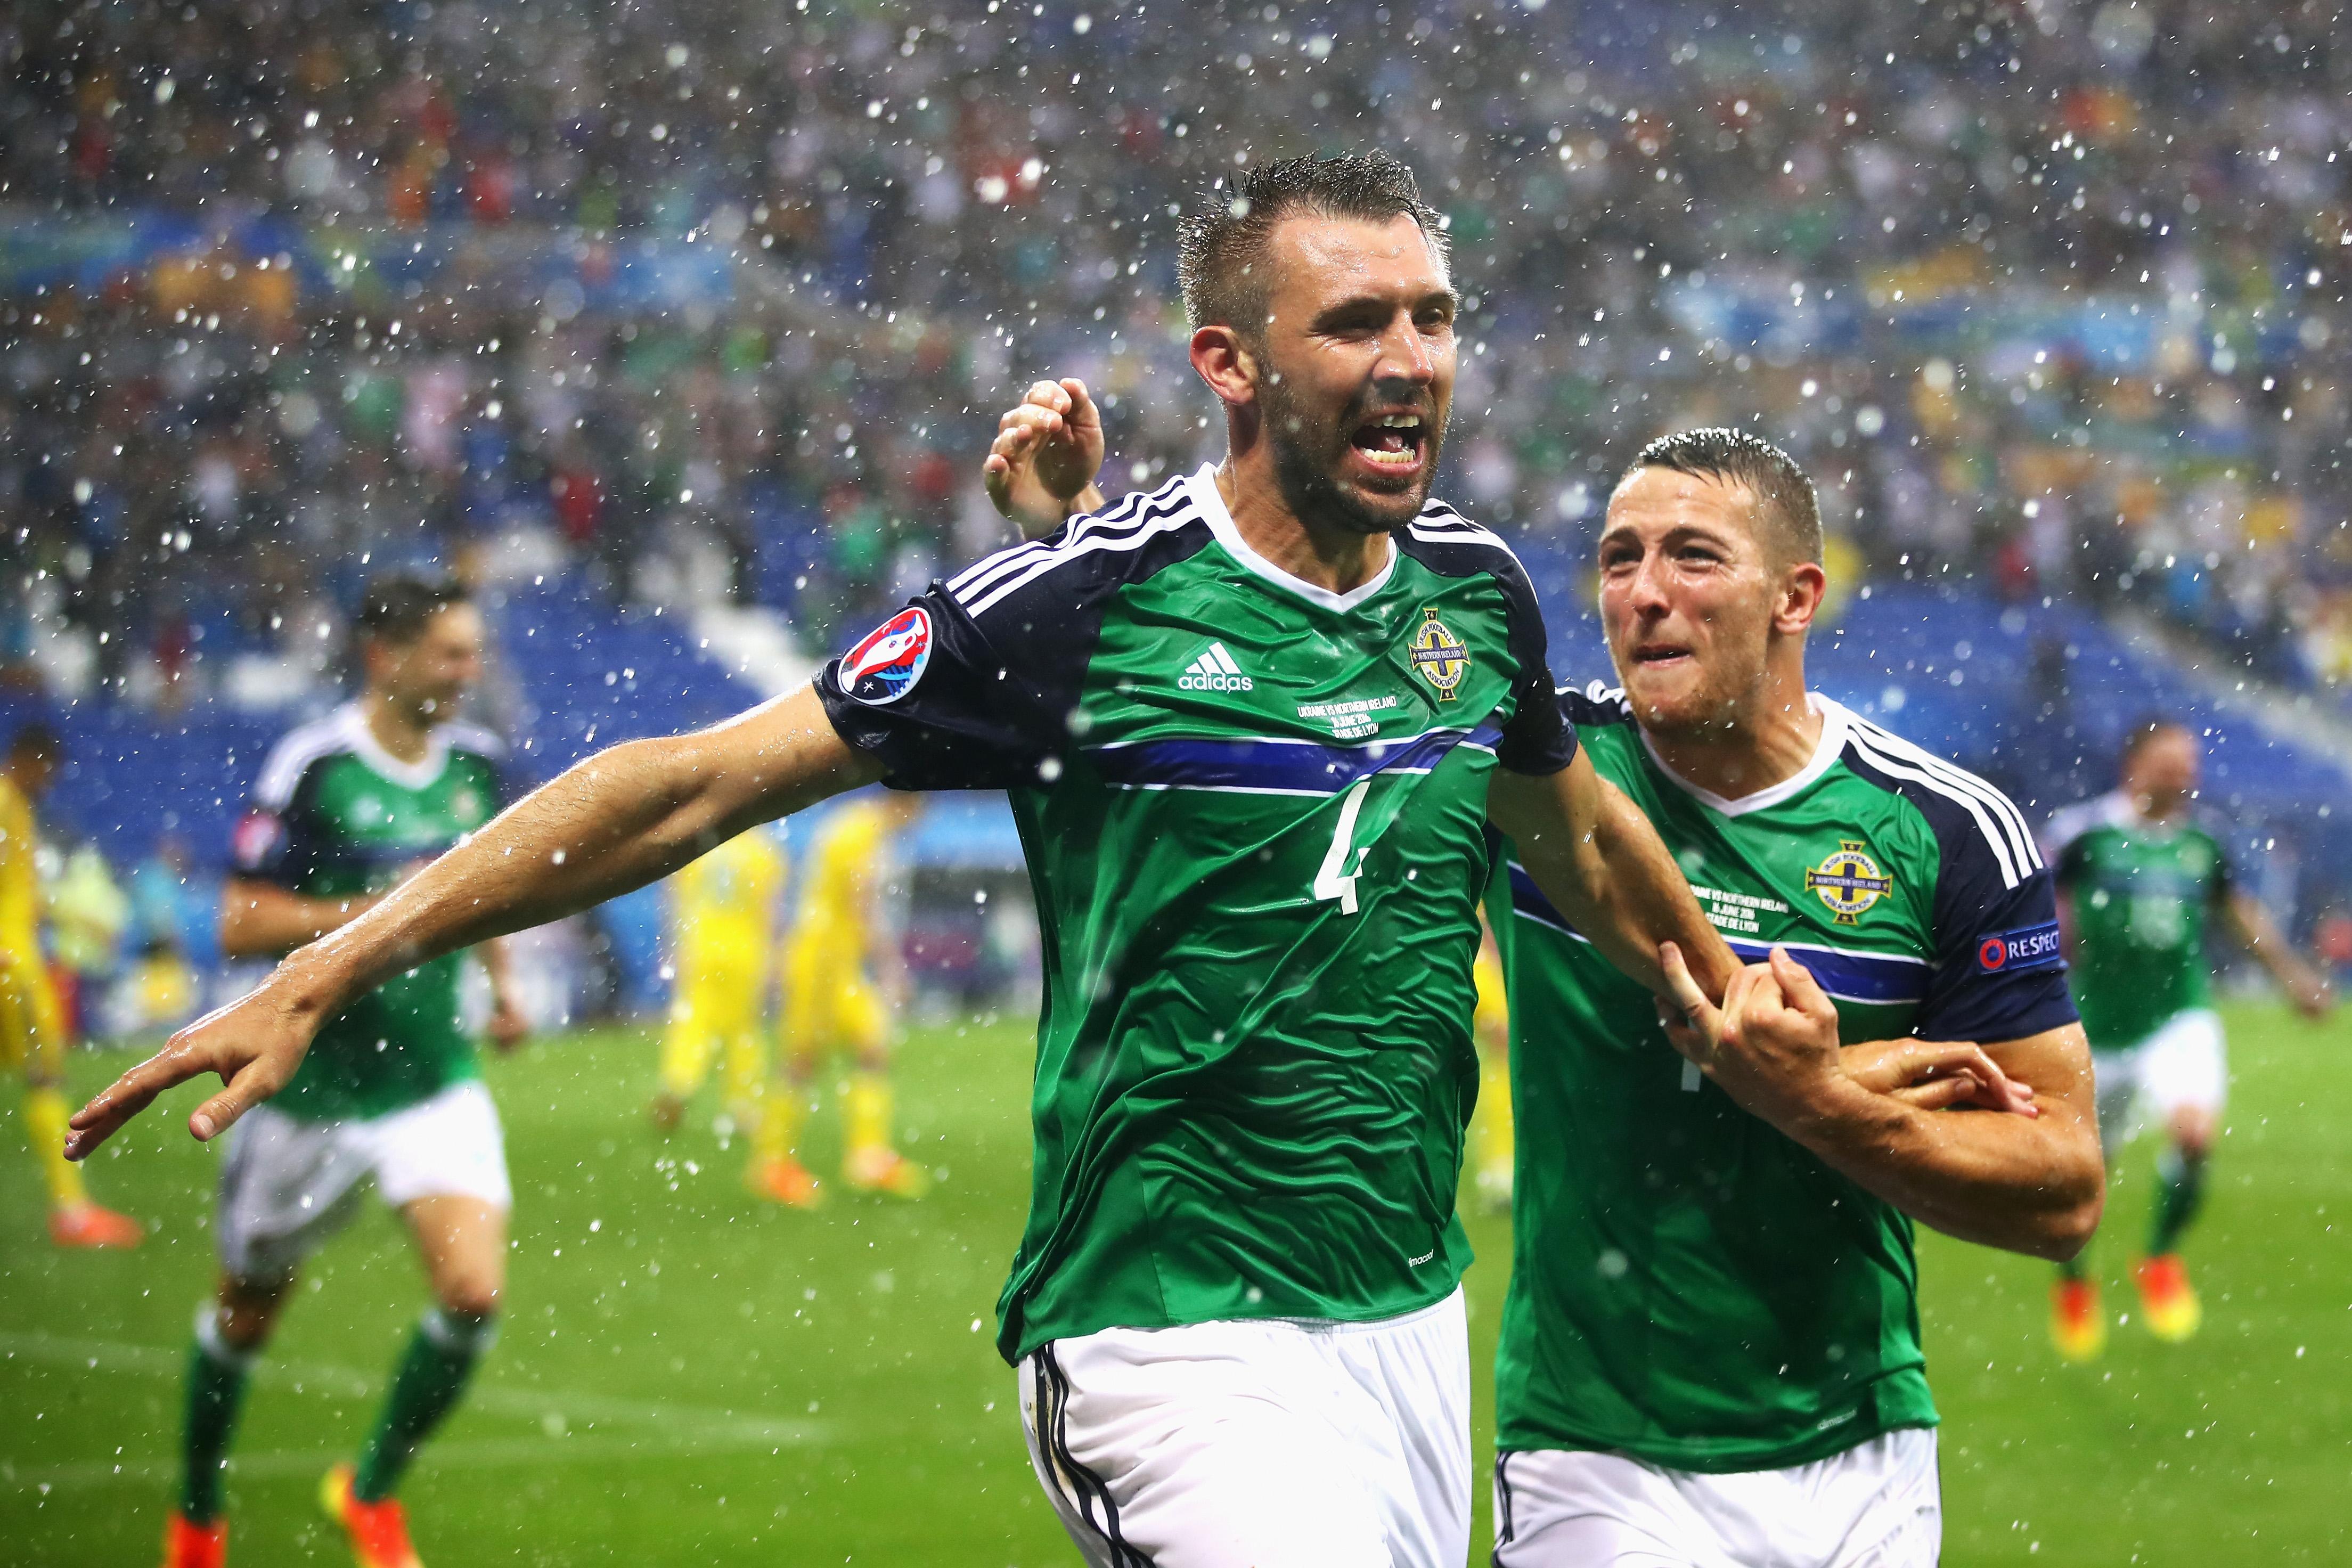 Gareth McAuley devastated after drugs test denies final farewell to Northern Ireland fans